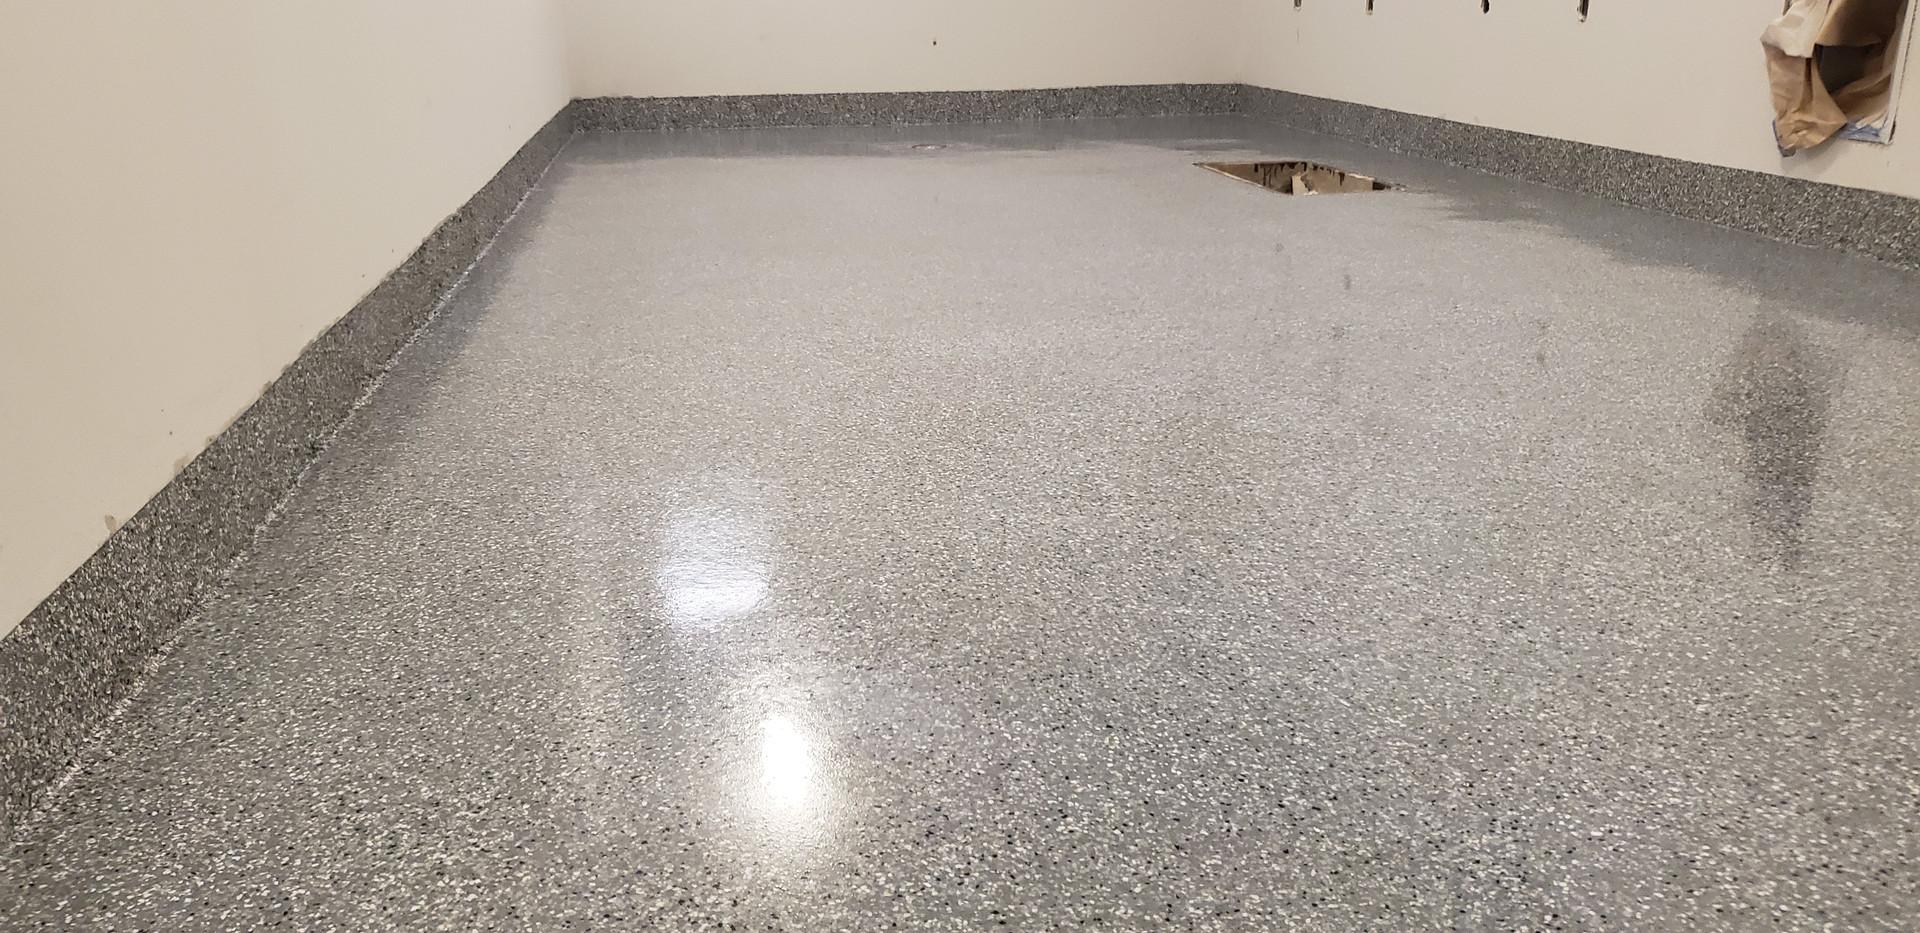 Flake flooring for senior living center